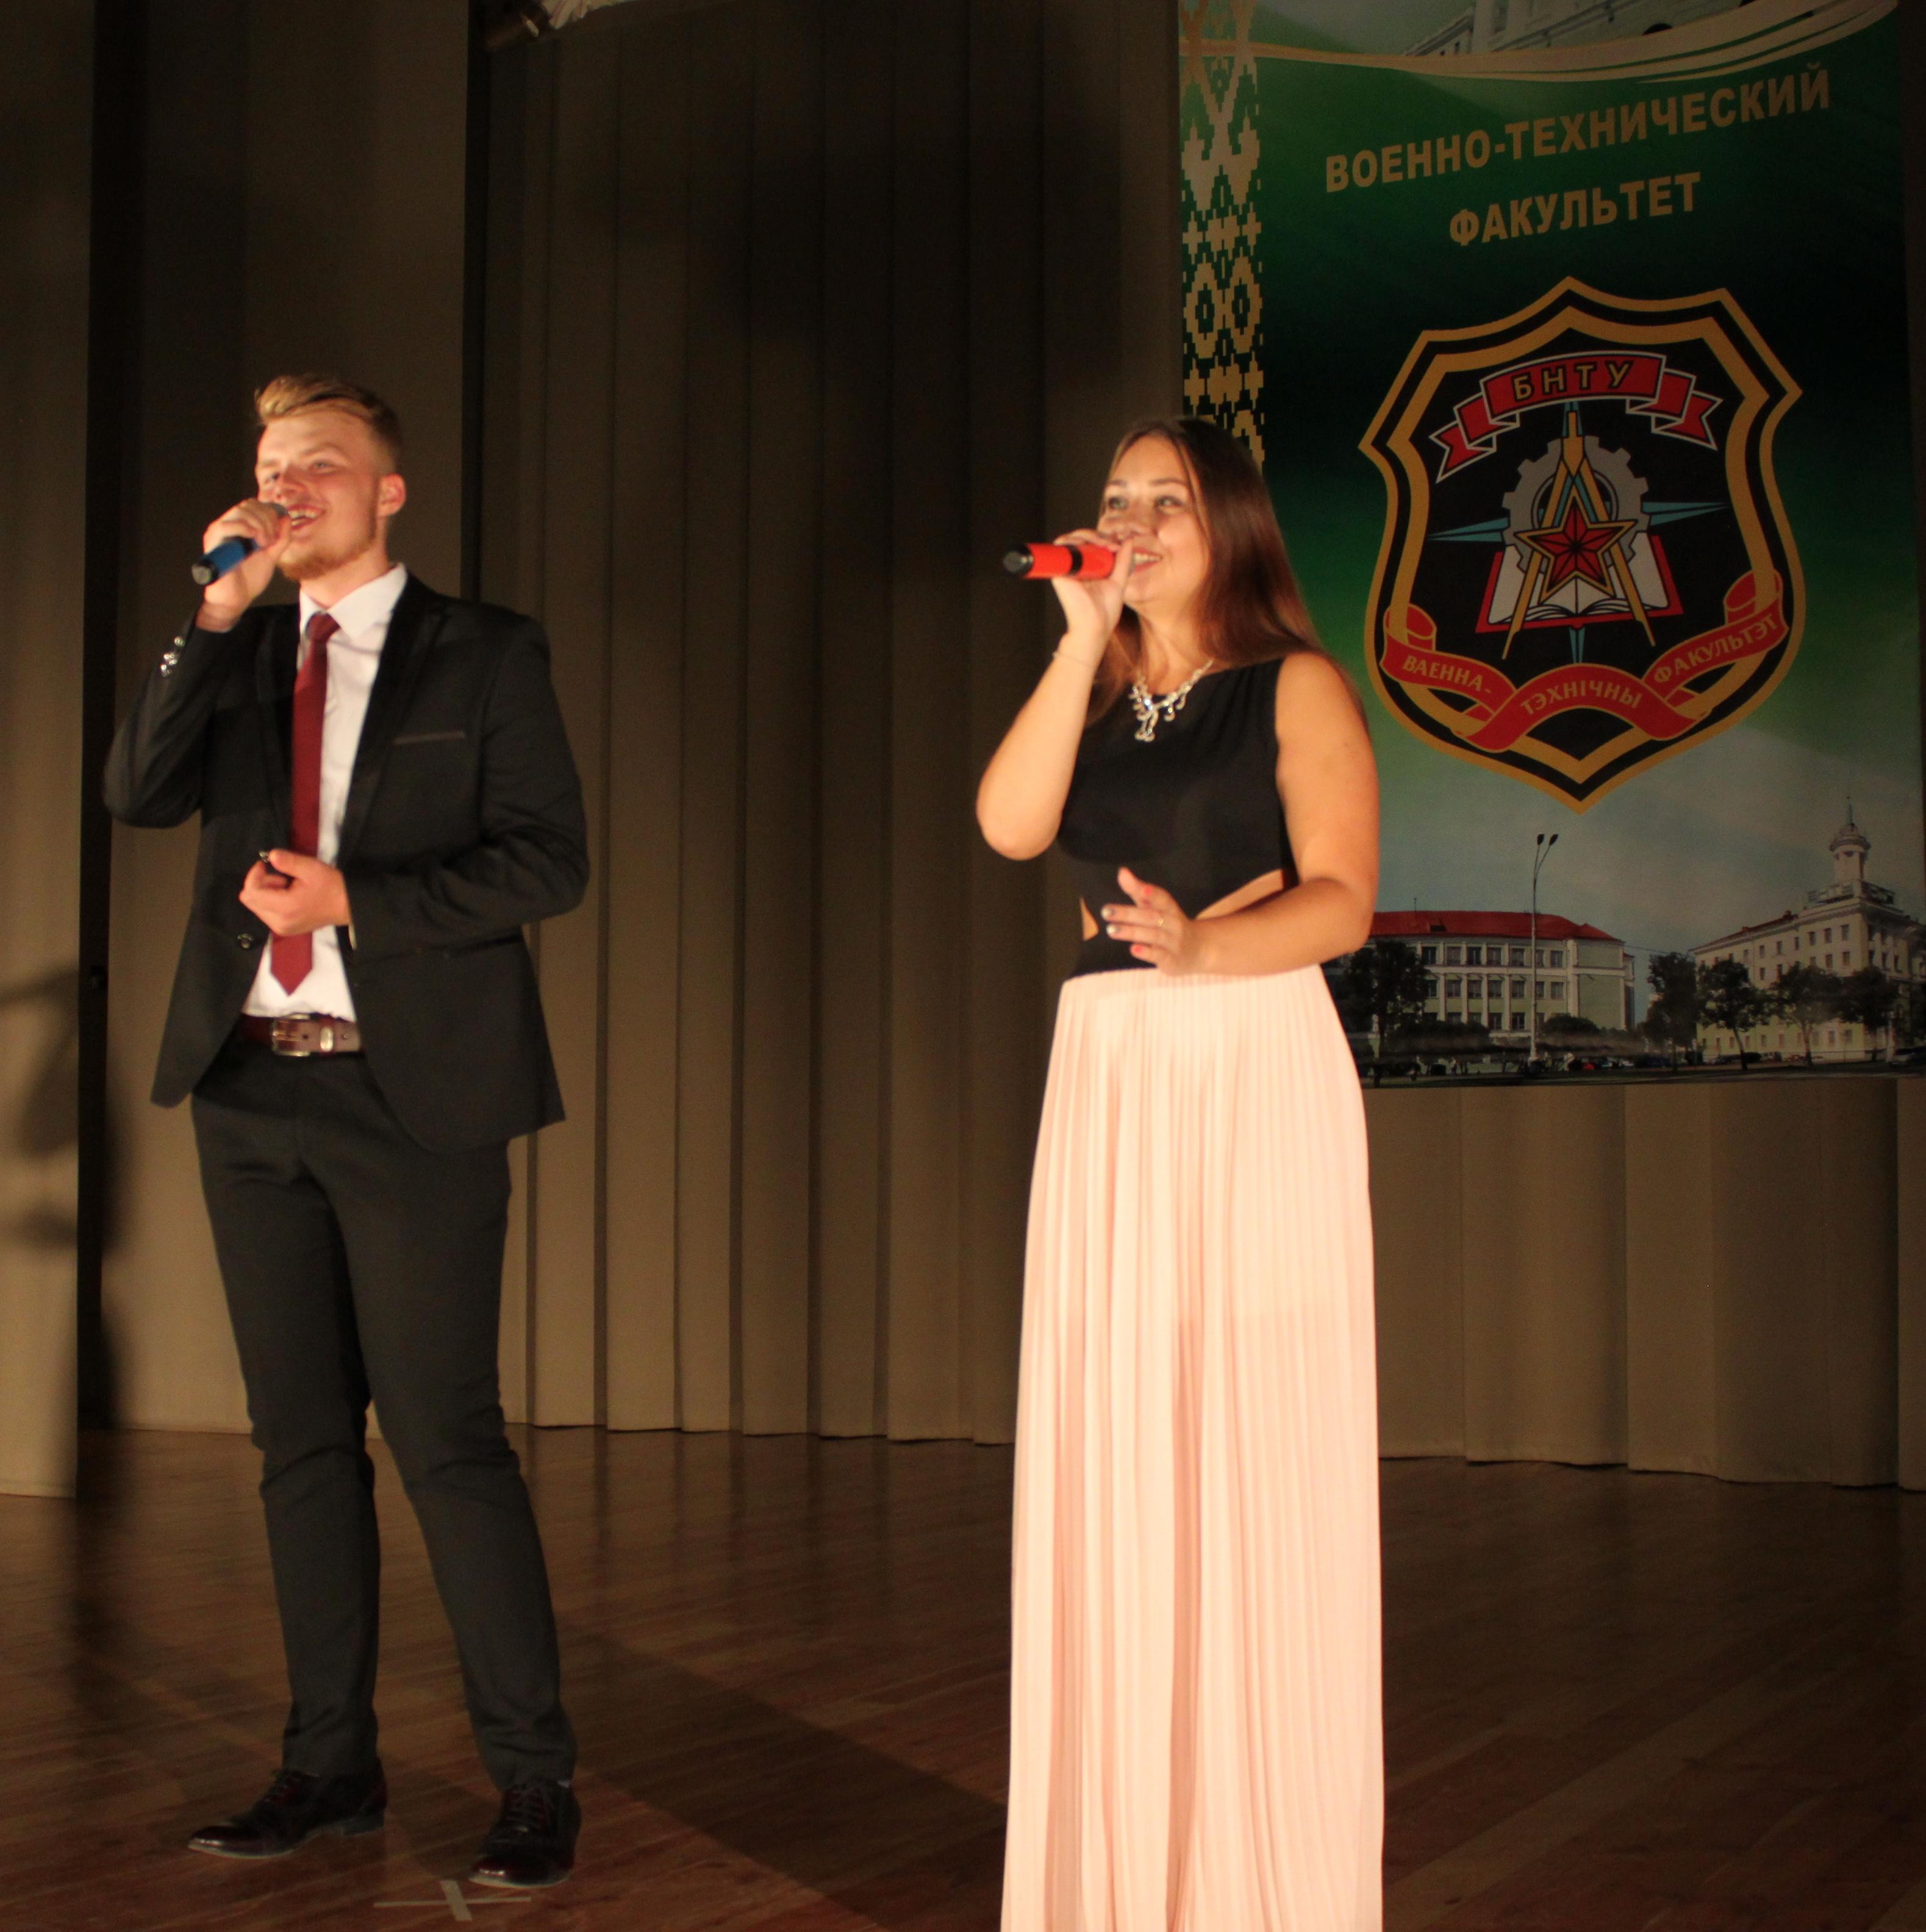 Песню Маленькая Родина исполнили Милана Демидович и Никита Адамчук